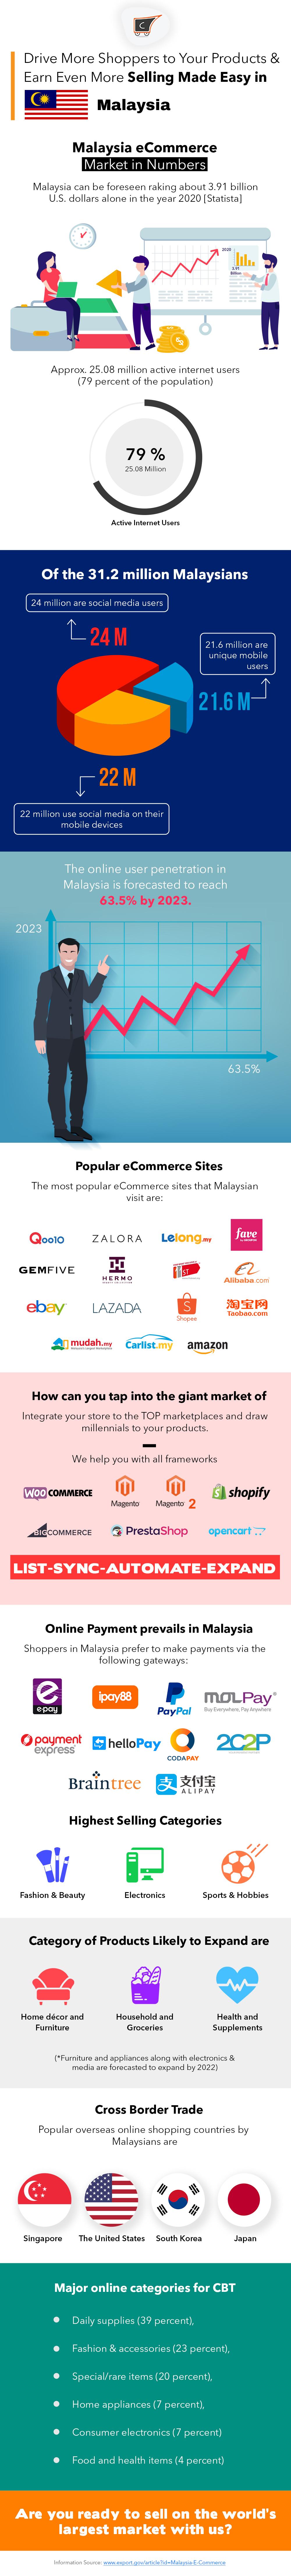 malaysia ecommerce landscape